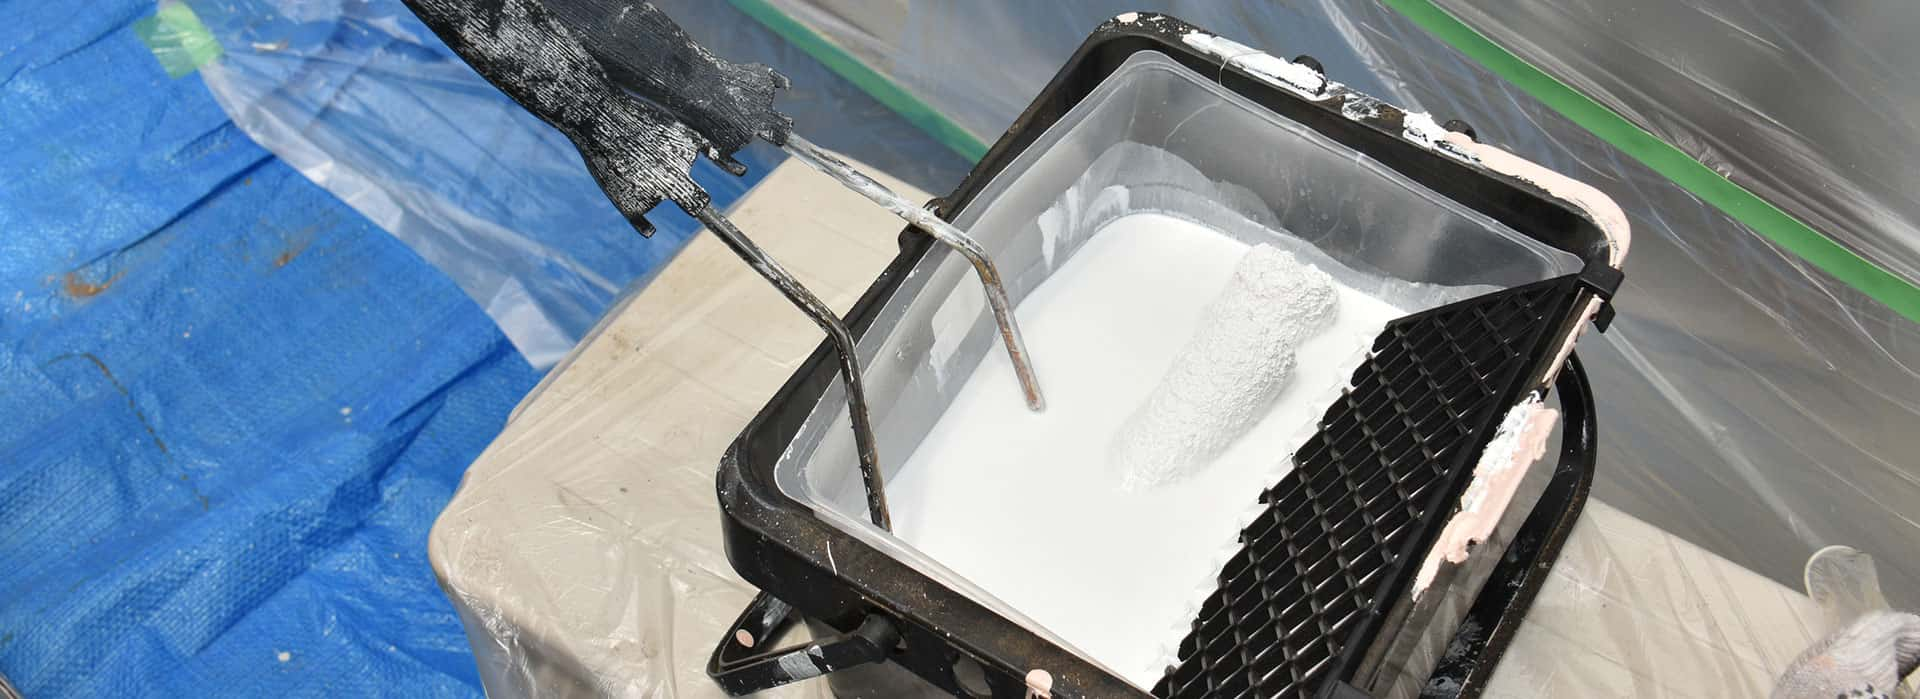 外壁塗装・屋根塗装・防水塗装など鈴樹の塗装工事の施工メニュー